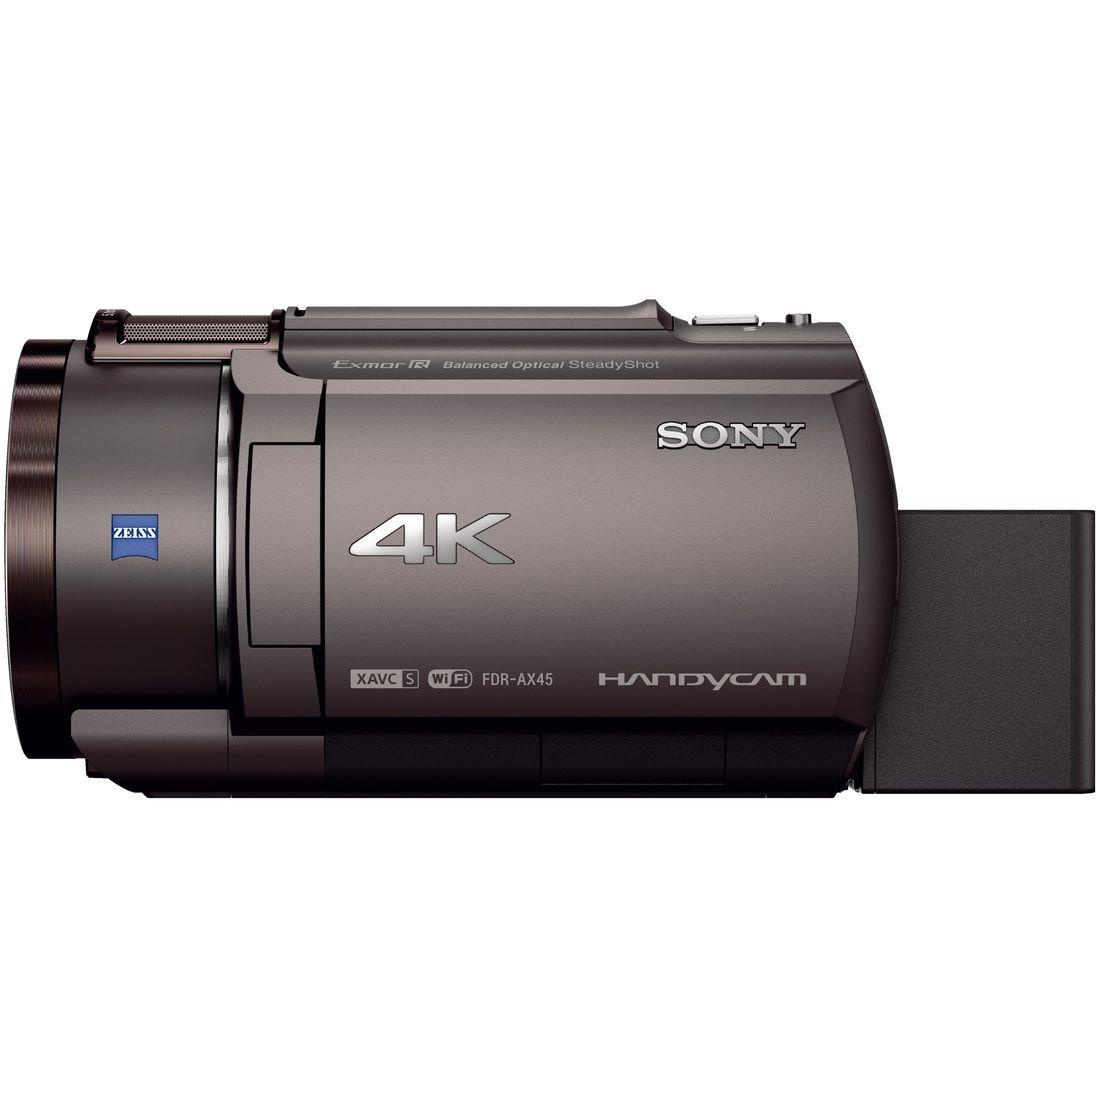 [デジタル4Kビデオカメラ] ブラック 【送料無料】 SONY FDR-AX45 B ハンディカム